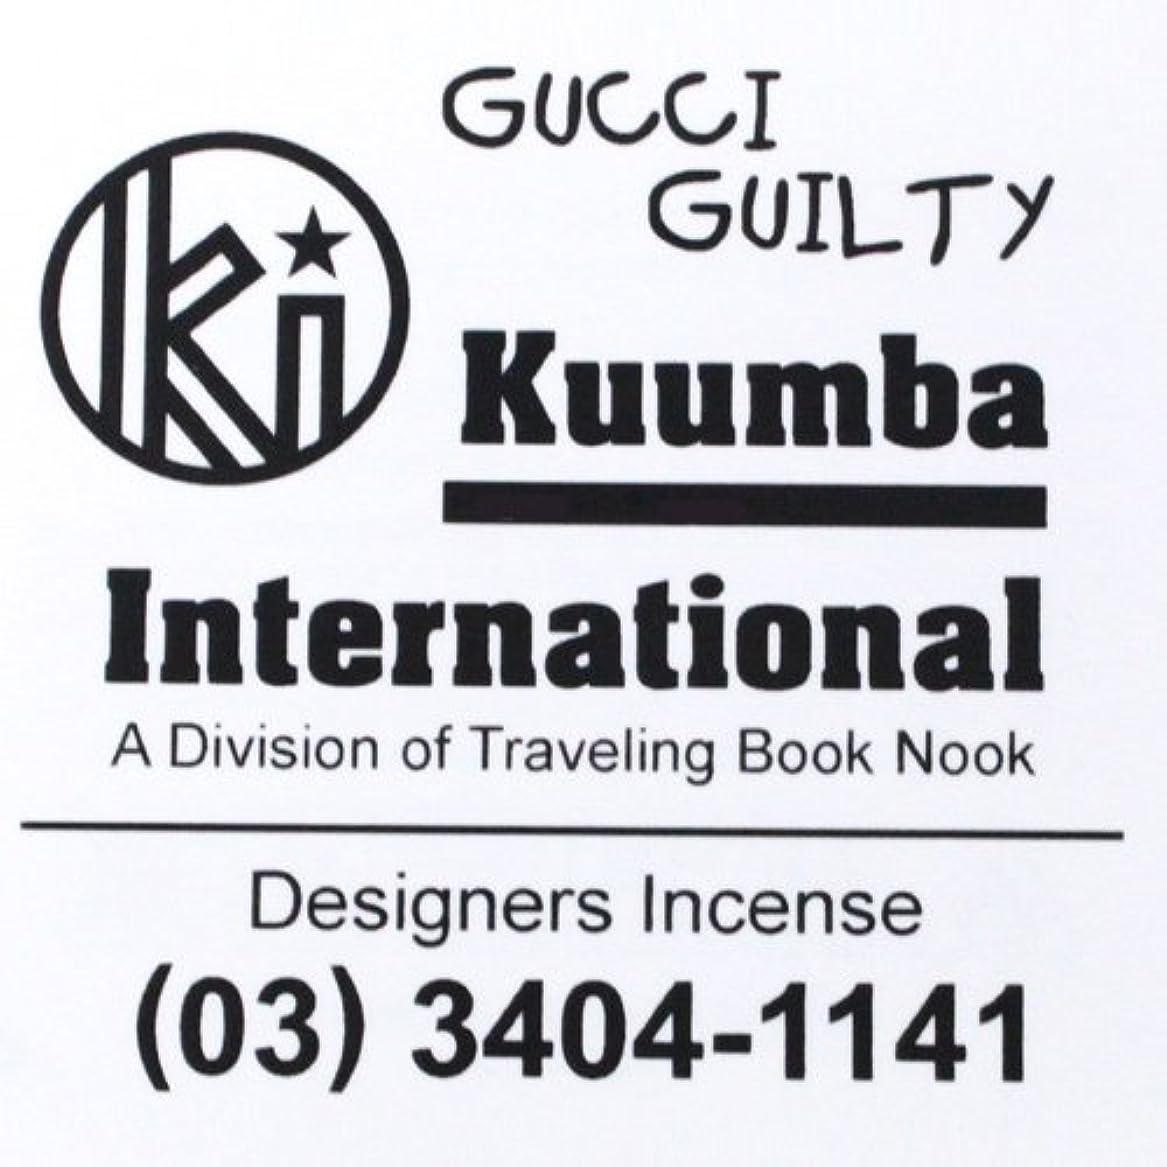 戦術説明するミントKUUMBA (クンバ)『incense』(GUCCI GUILTY) (Regular size)